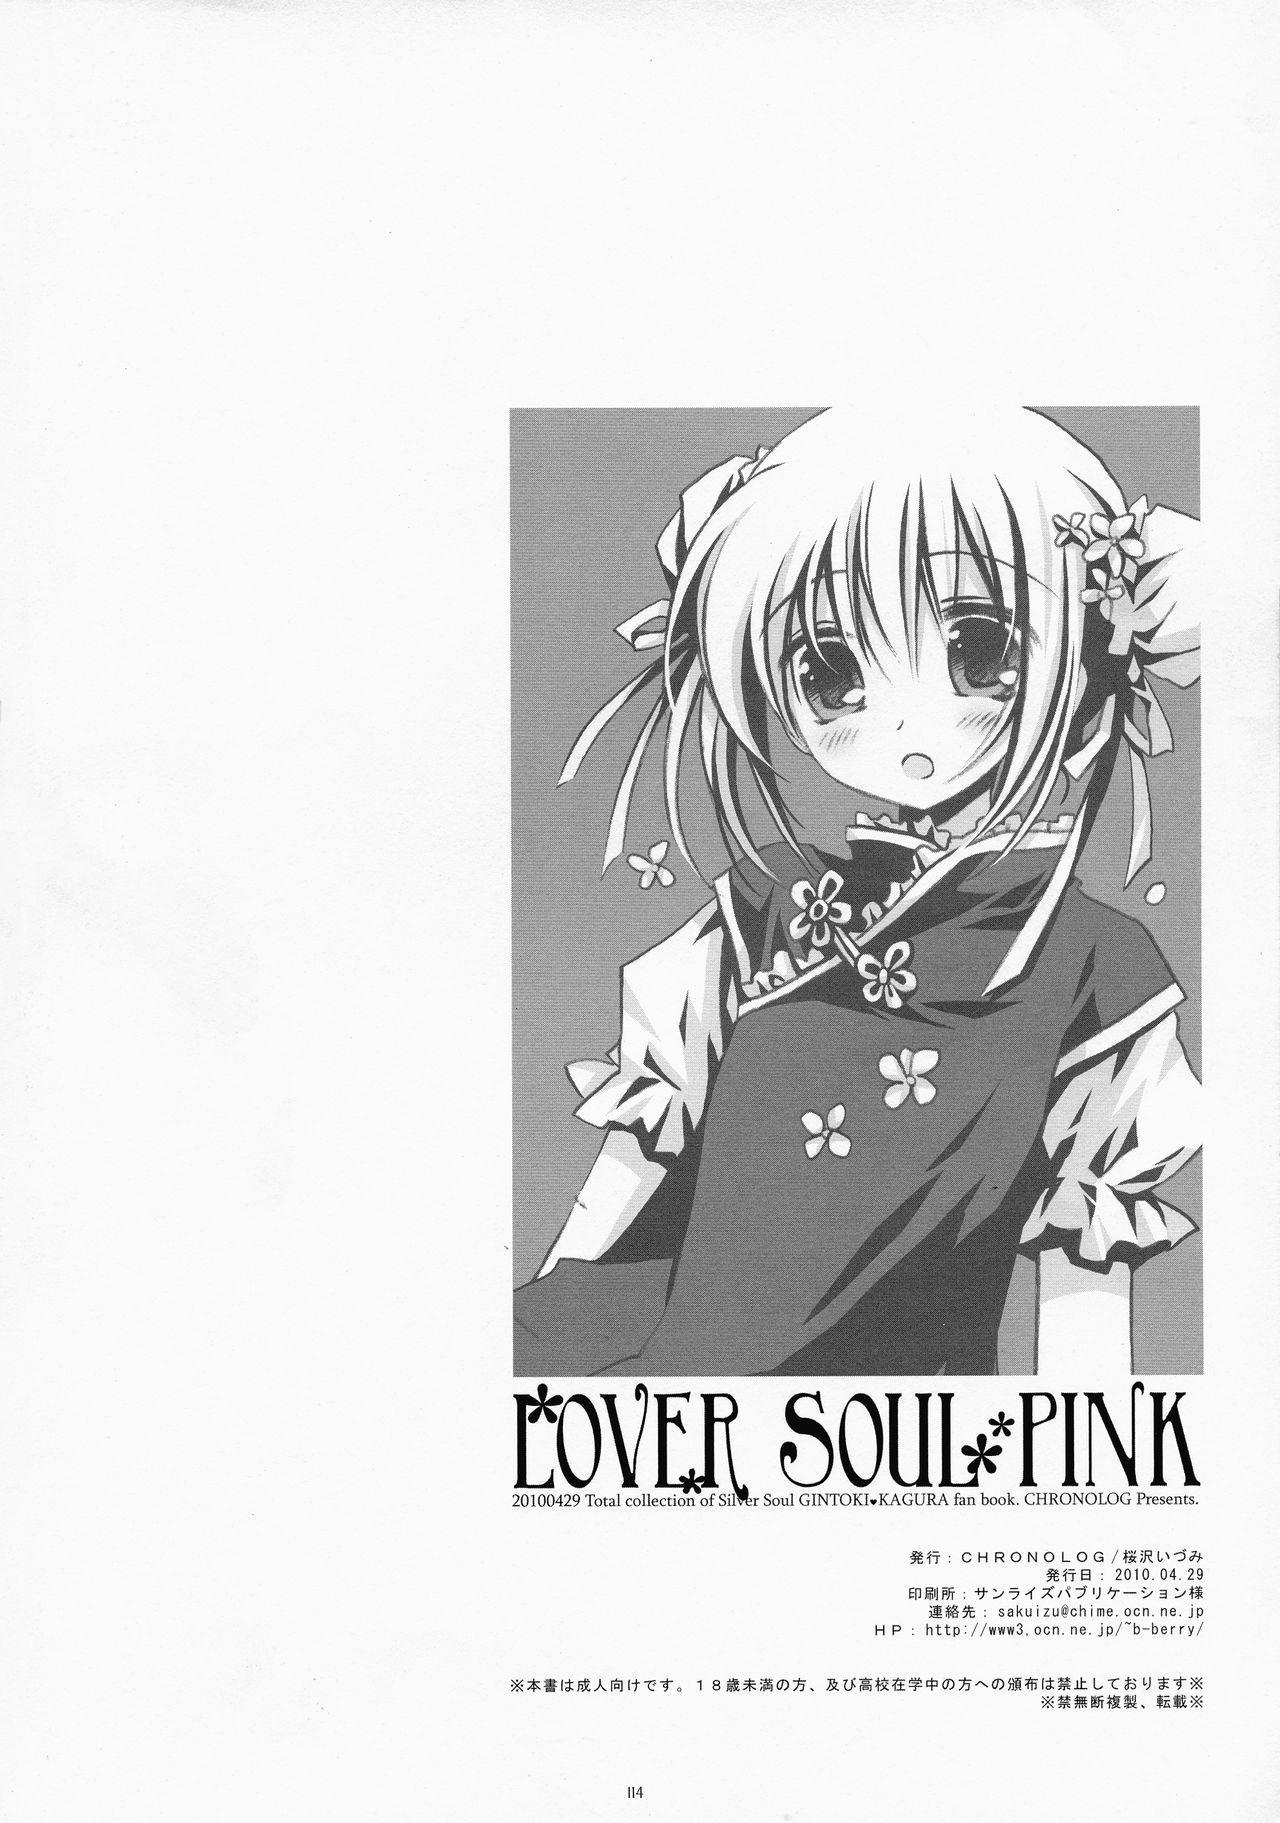 LOVER SOUL PINK 112